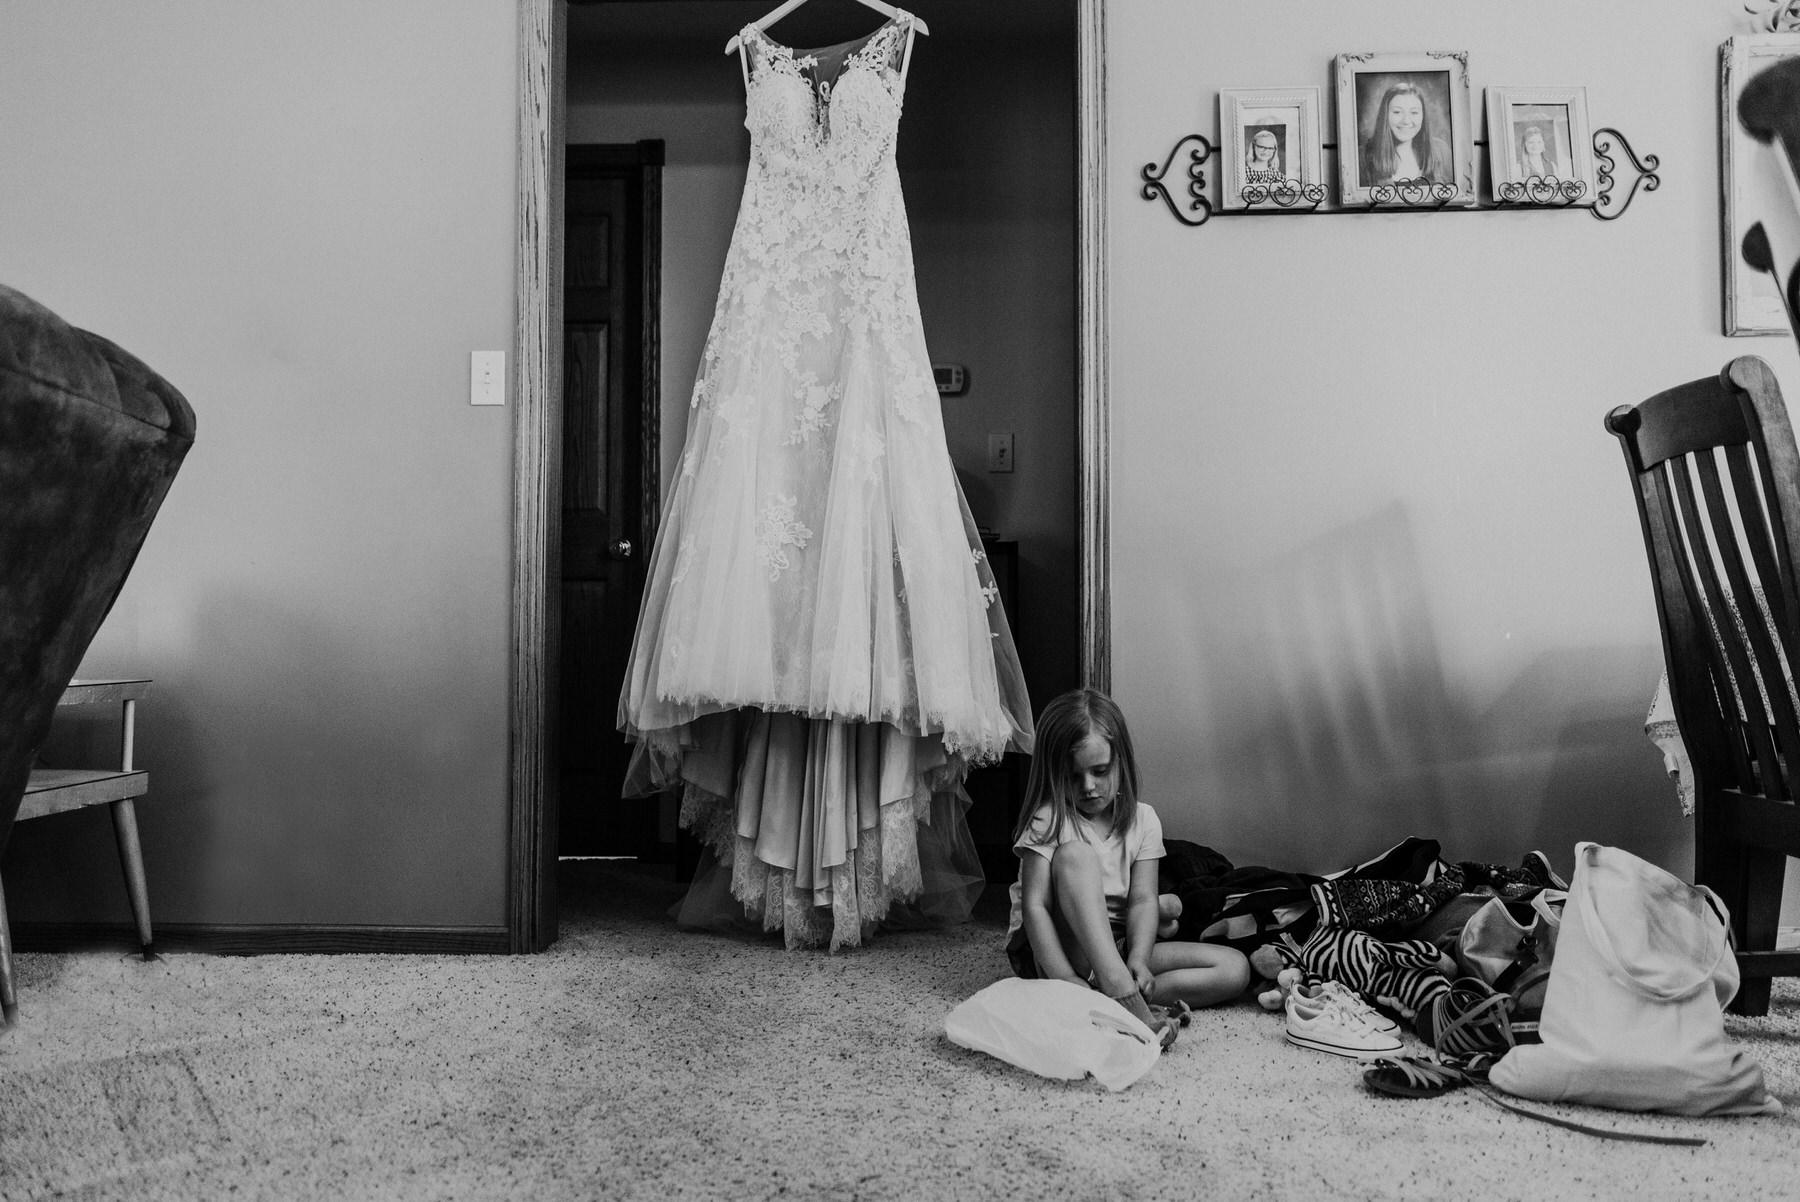 Kaylie-Sirek-Photography-Kearney-Nebraska-Wedding-015.jpg